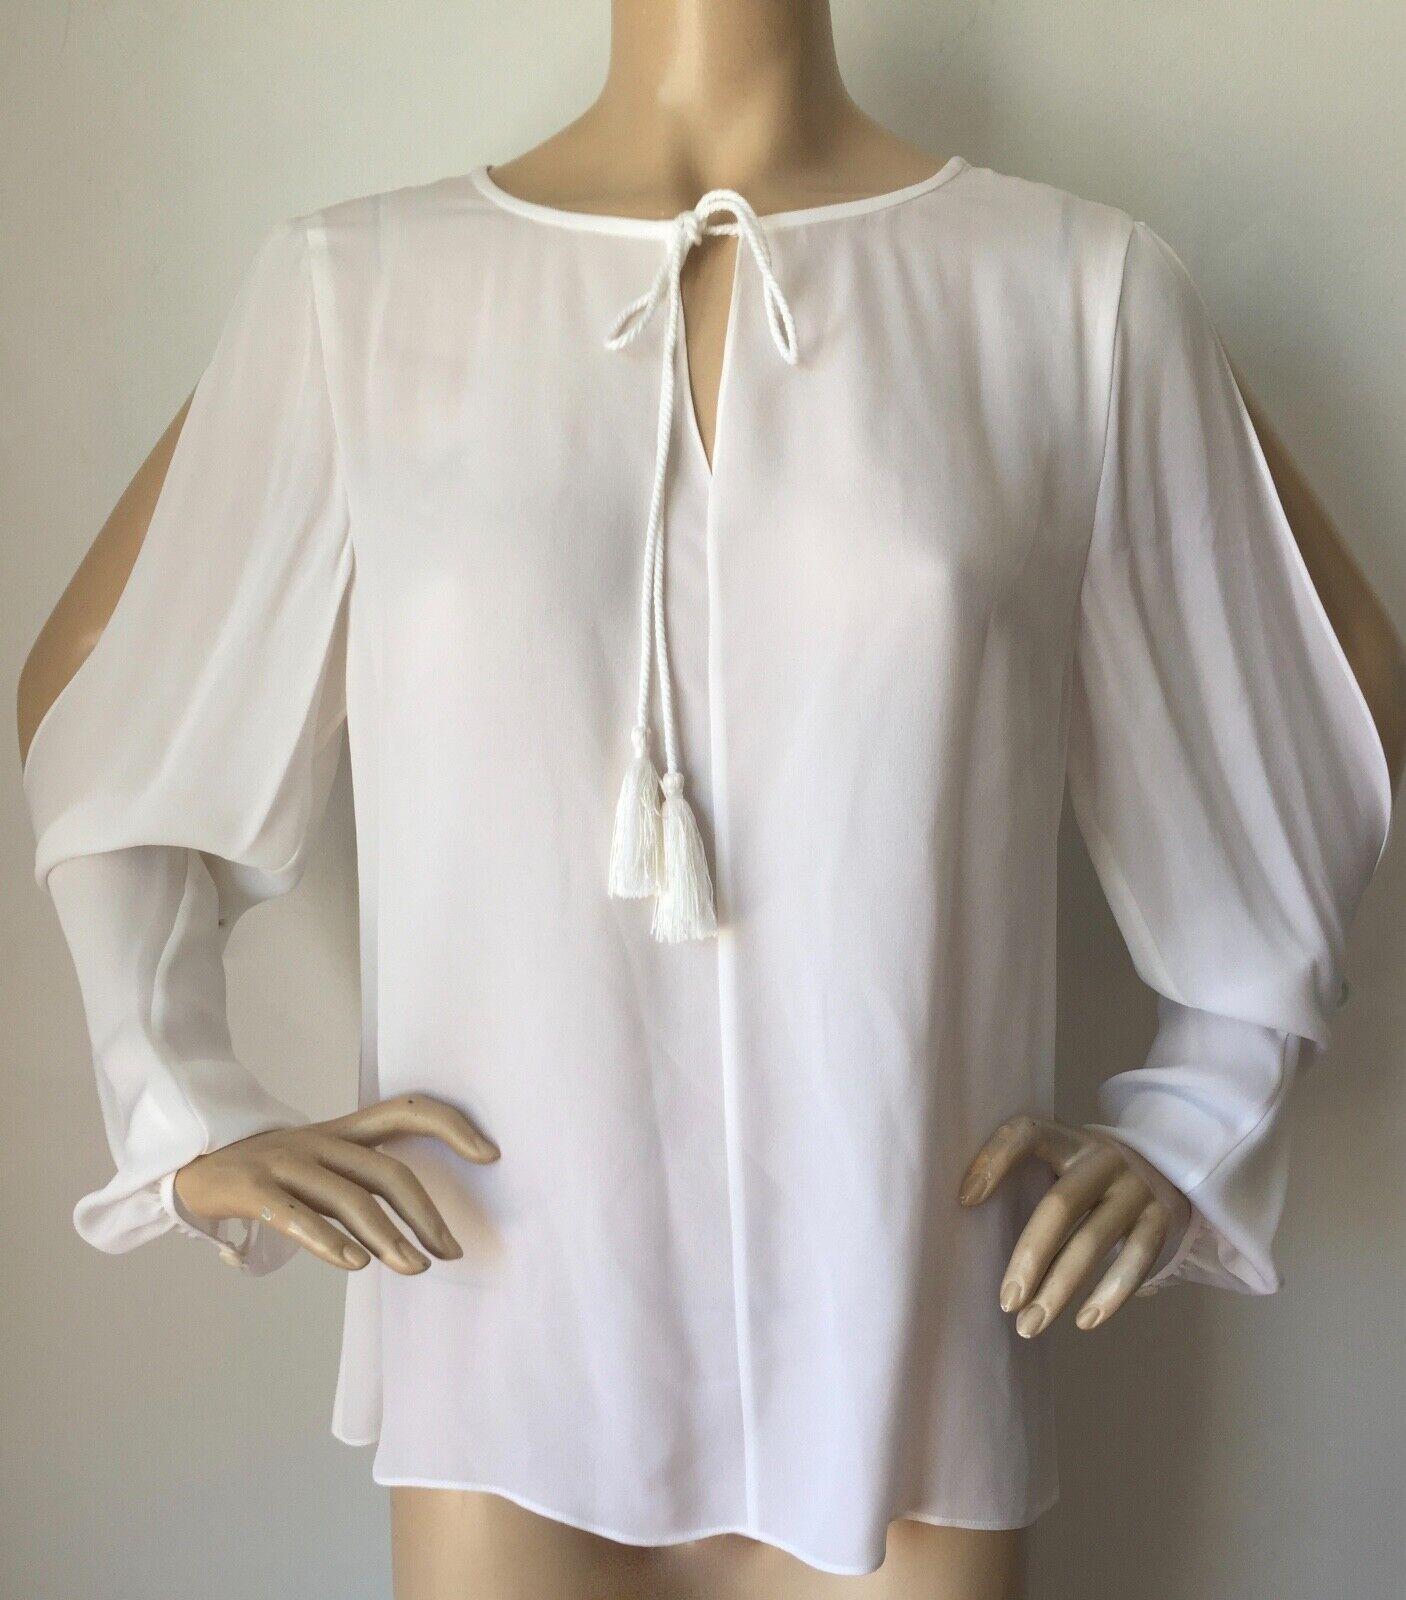 NWT St John Knit Größe L Silk Blouse Bright Weiß